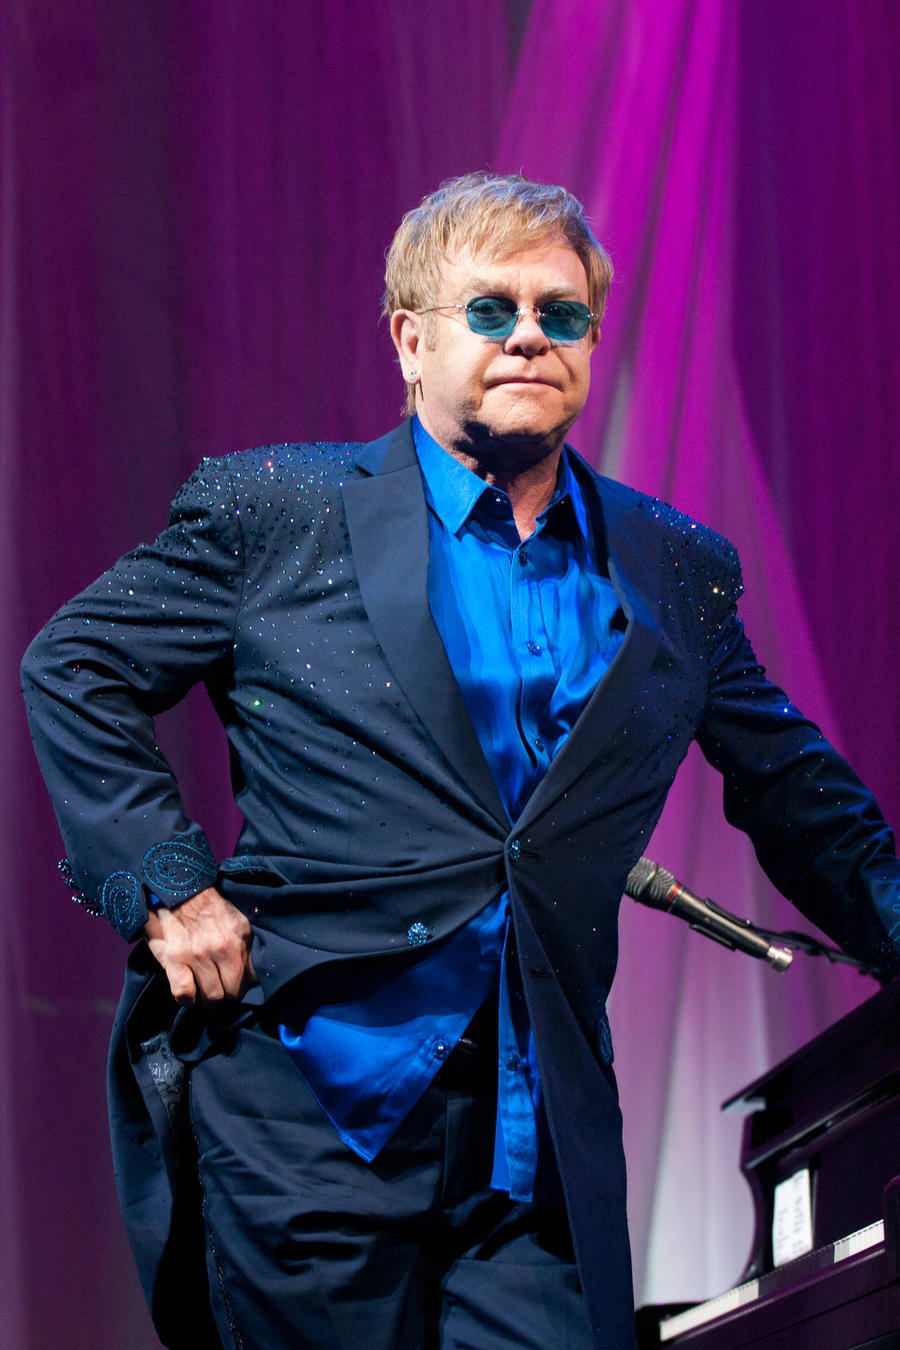 Stefano Gabbana Reignites Elton John Feud